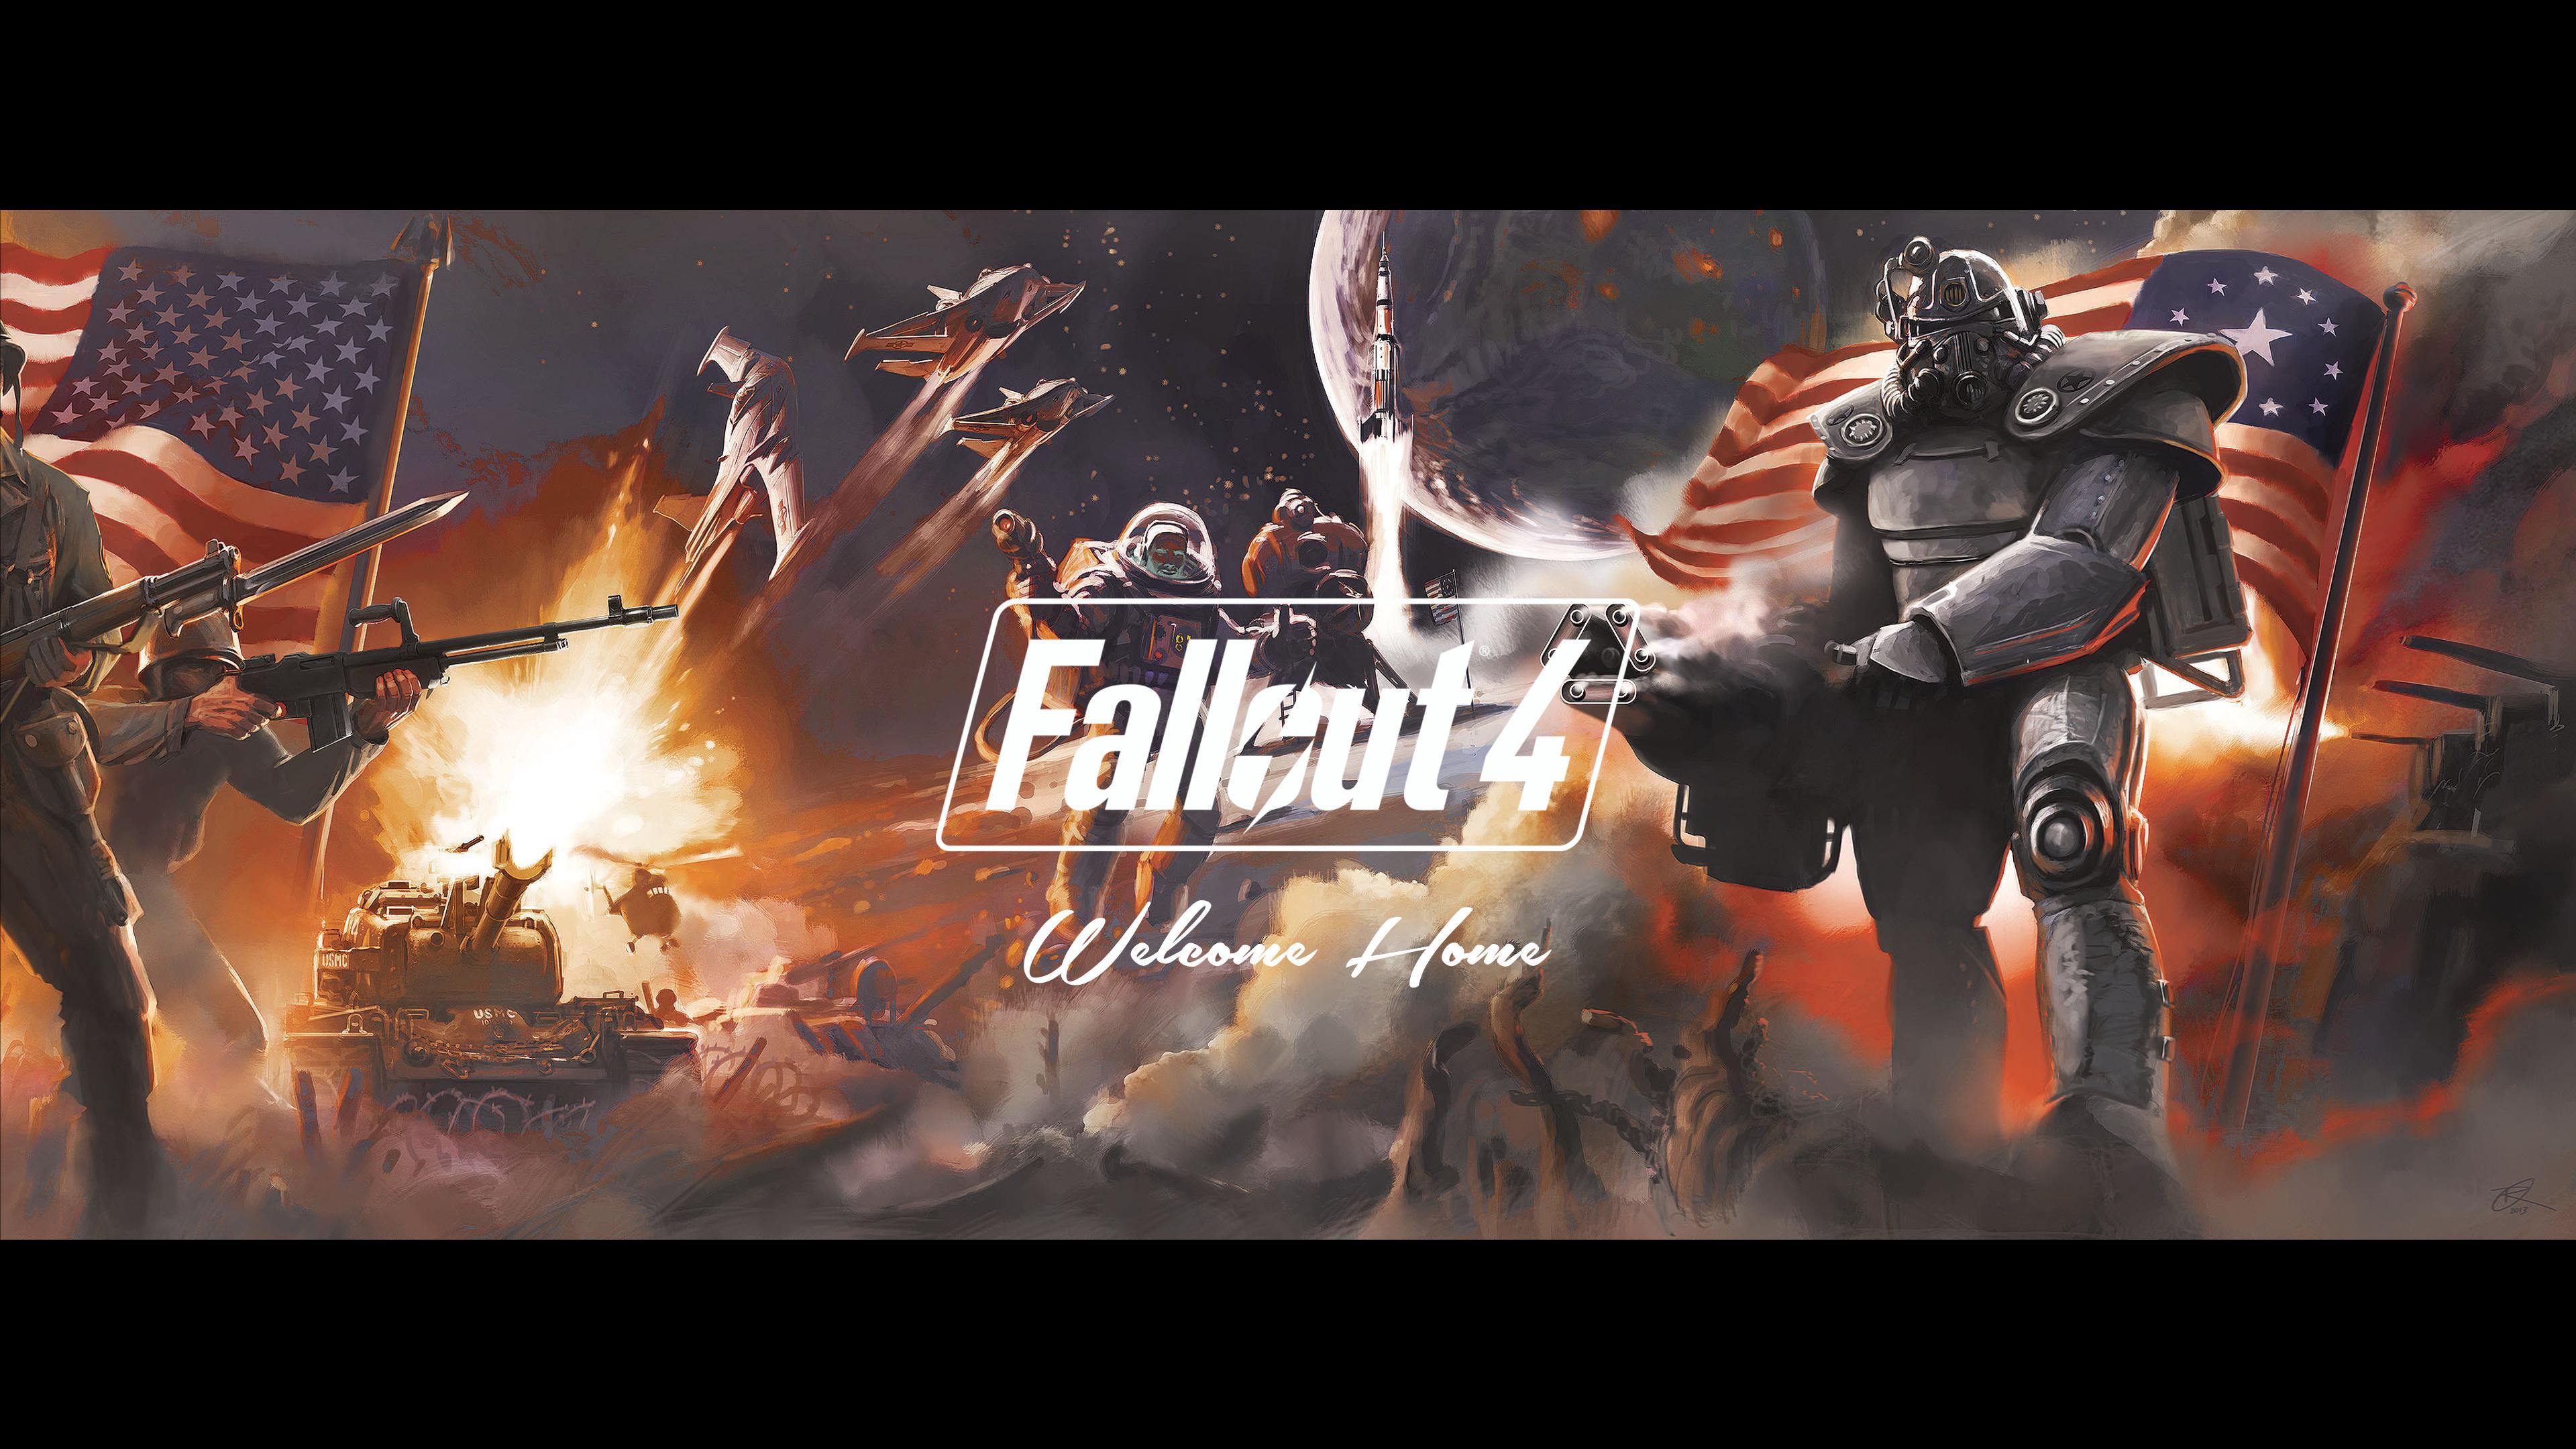 Fallout 4 Dual Screen Wallpaper Wallpapersafari